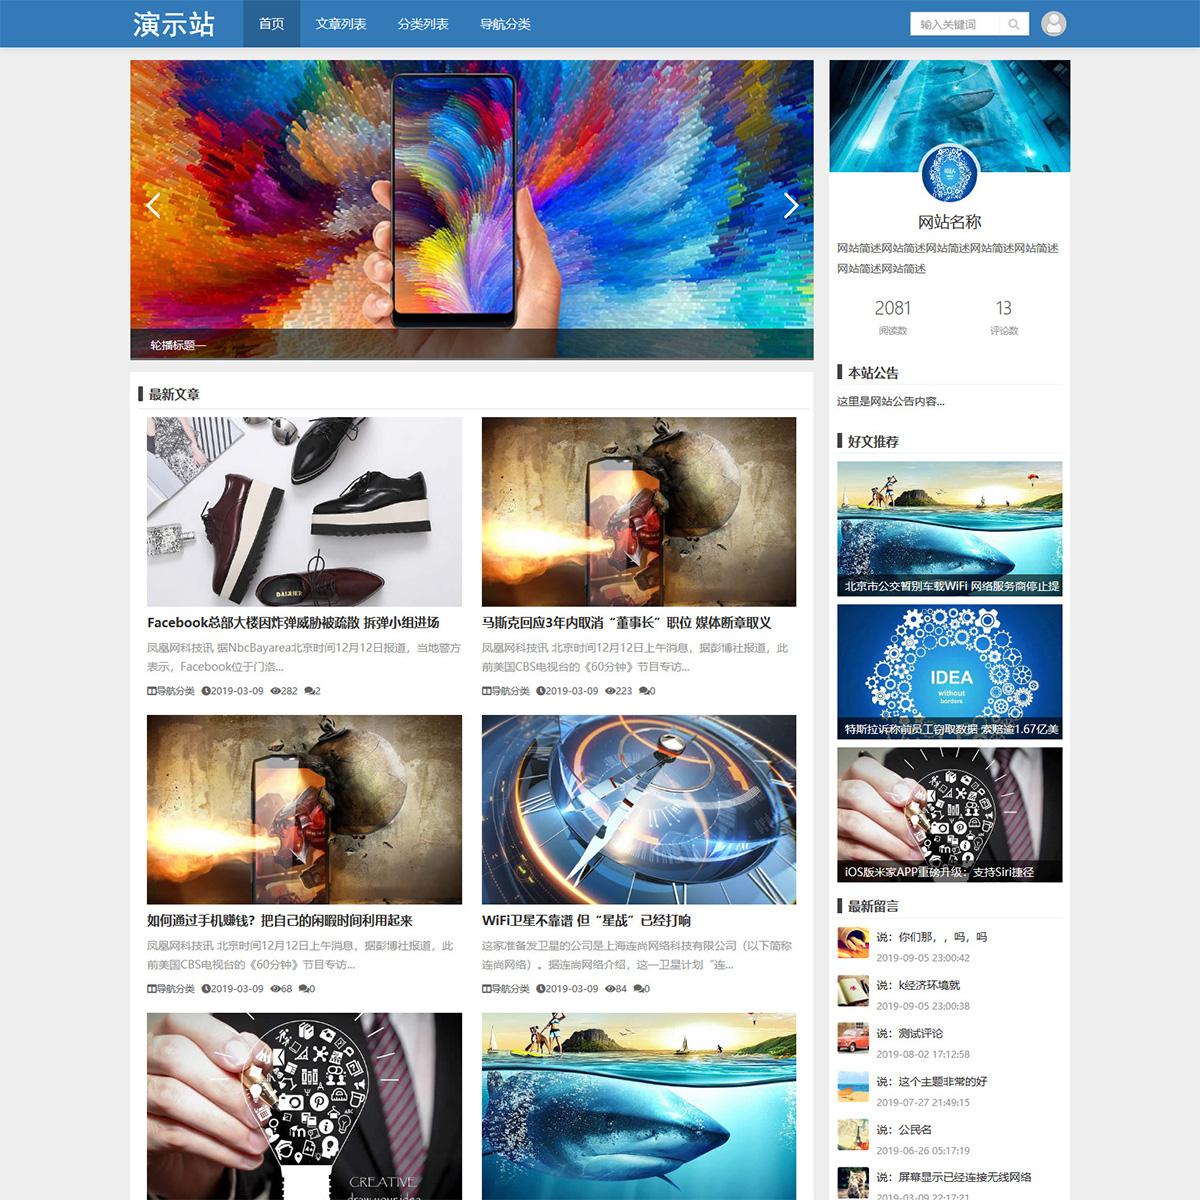 奇客响应式免费zblog图文资讯主题qk_tuz